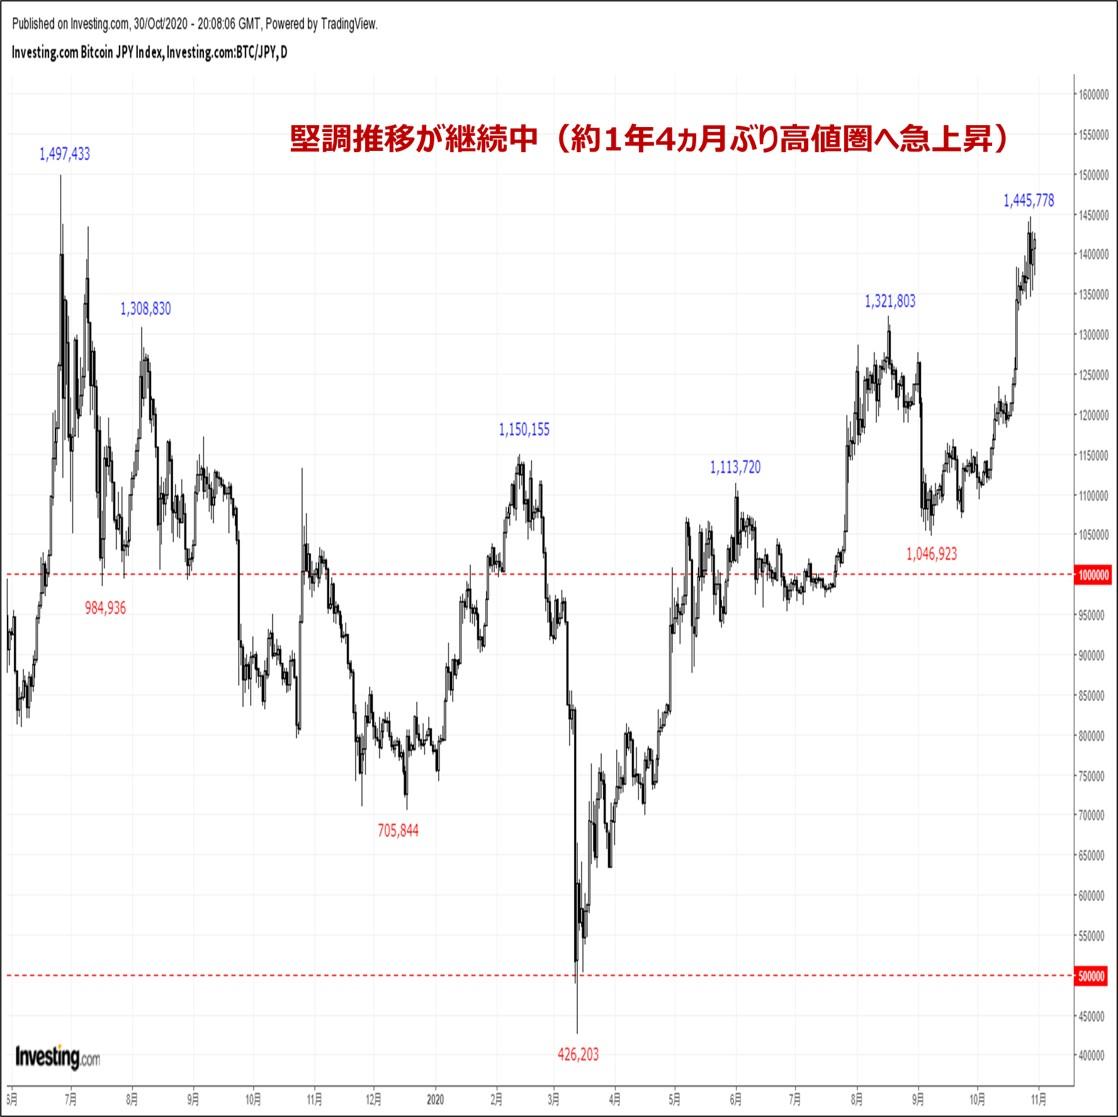 ビットコインの価格分析:『約1年4ヵ月ぶり高値圏へ急伸。押し目待ちに押し目なし』